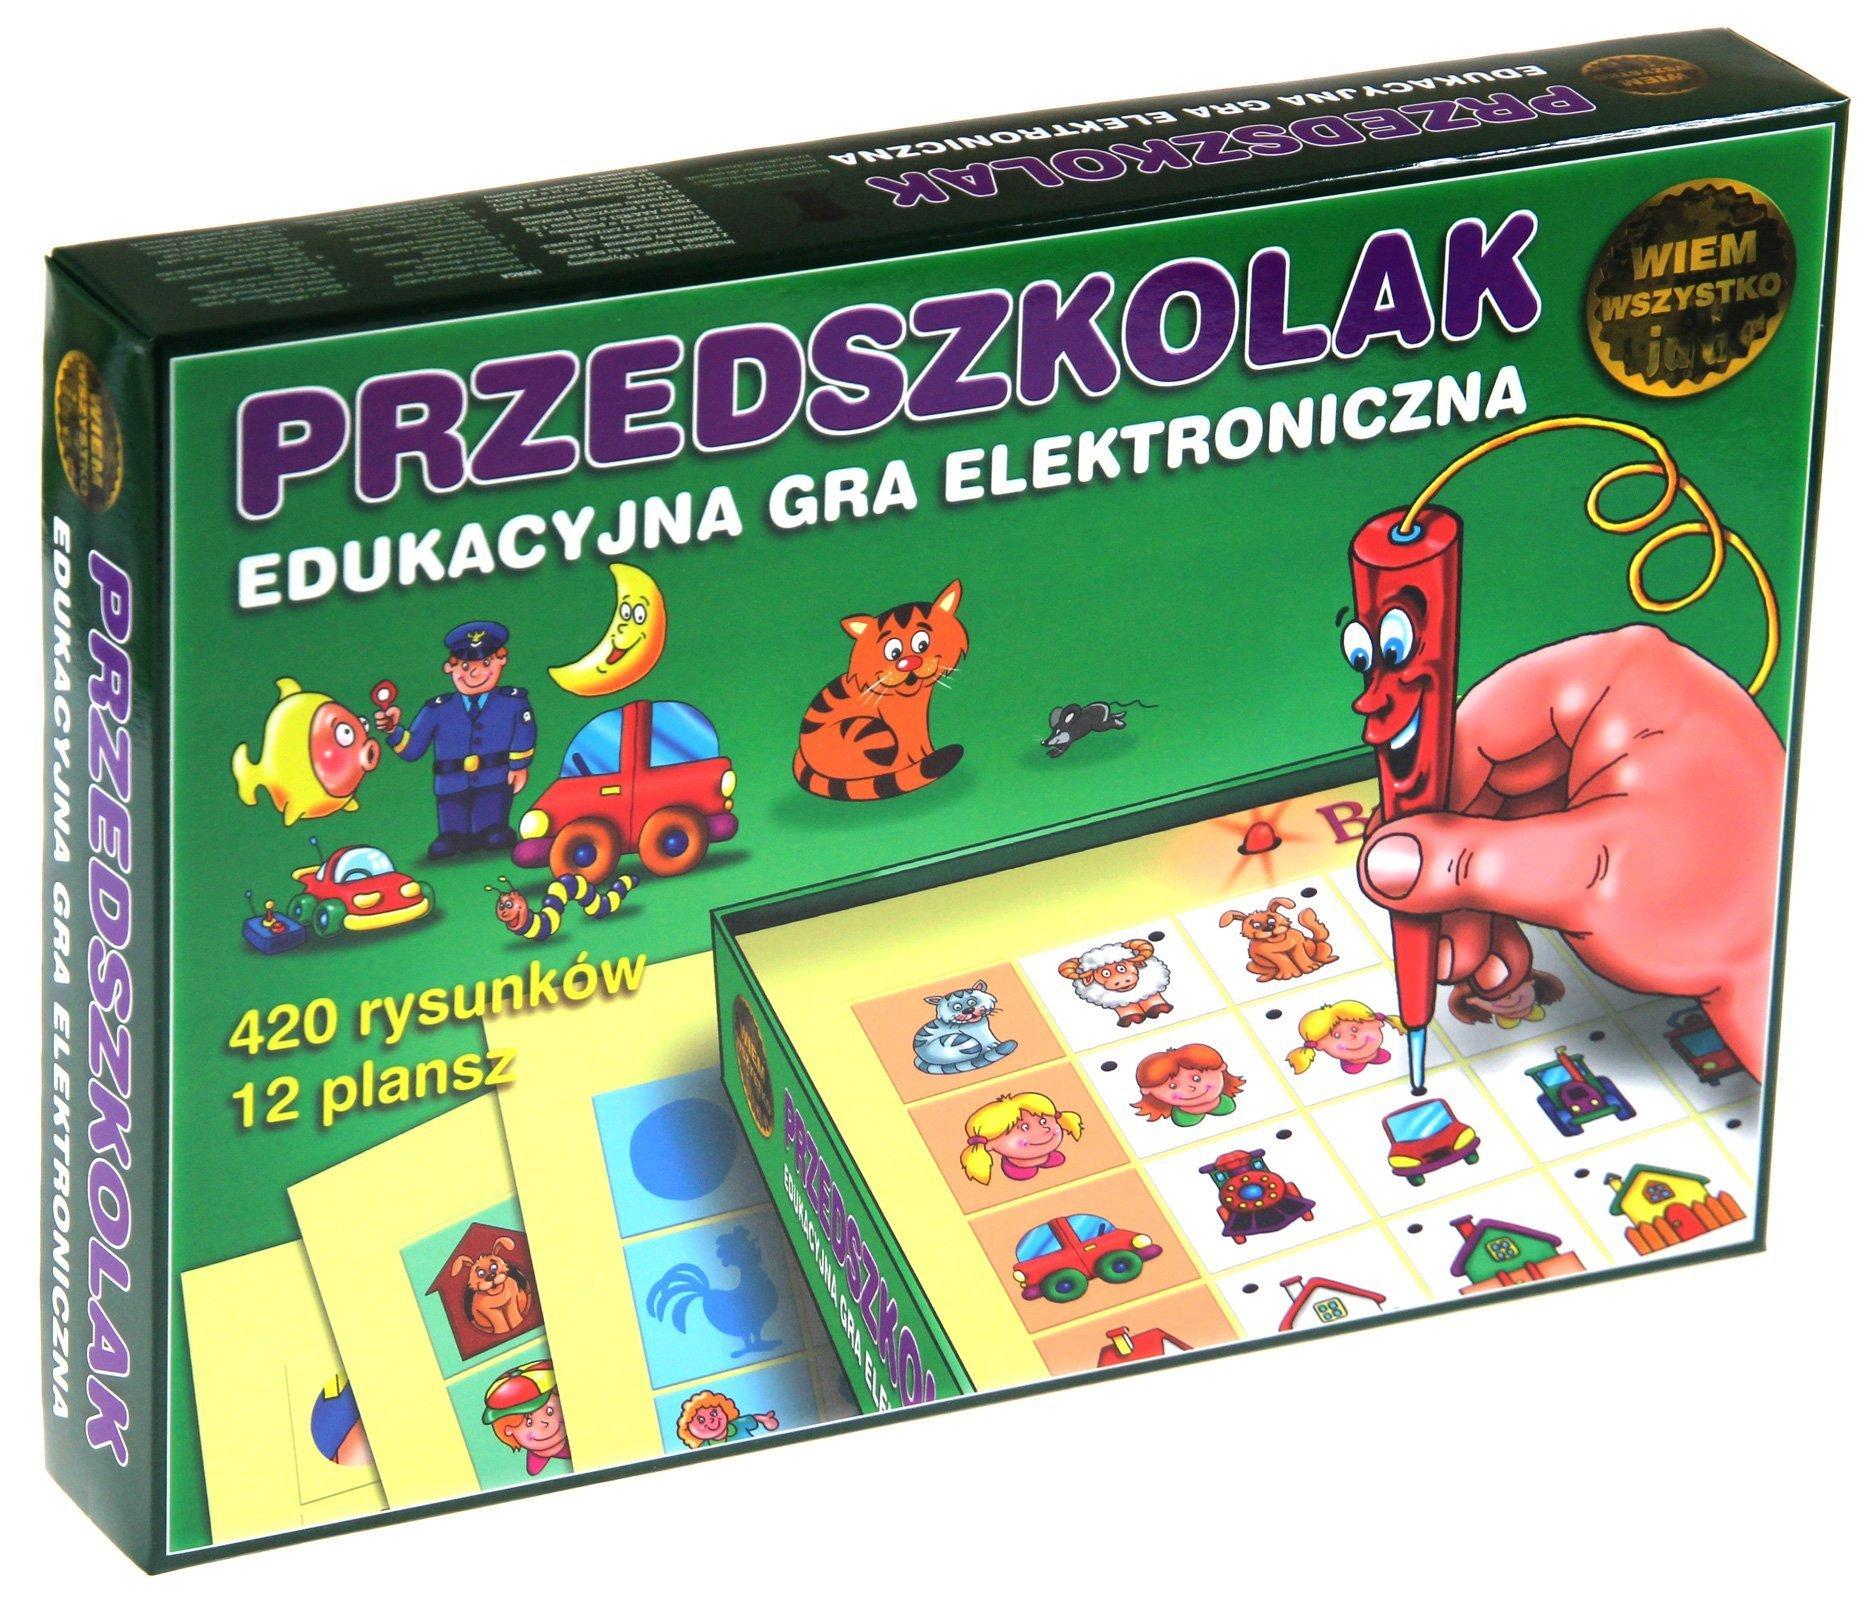 Przedszkolak gra elektroniczna